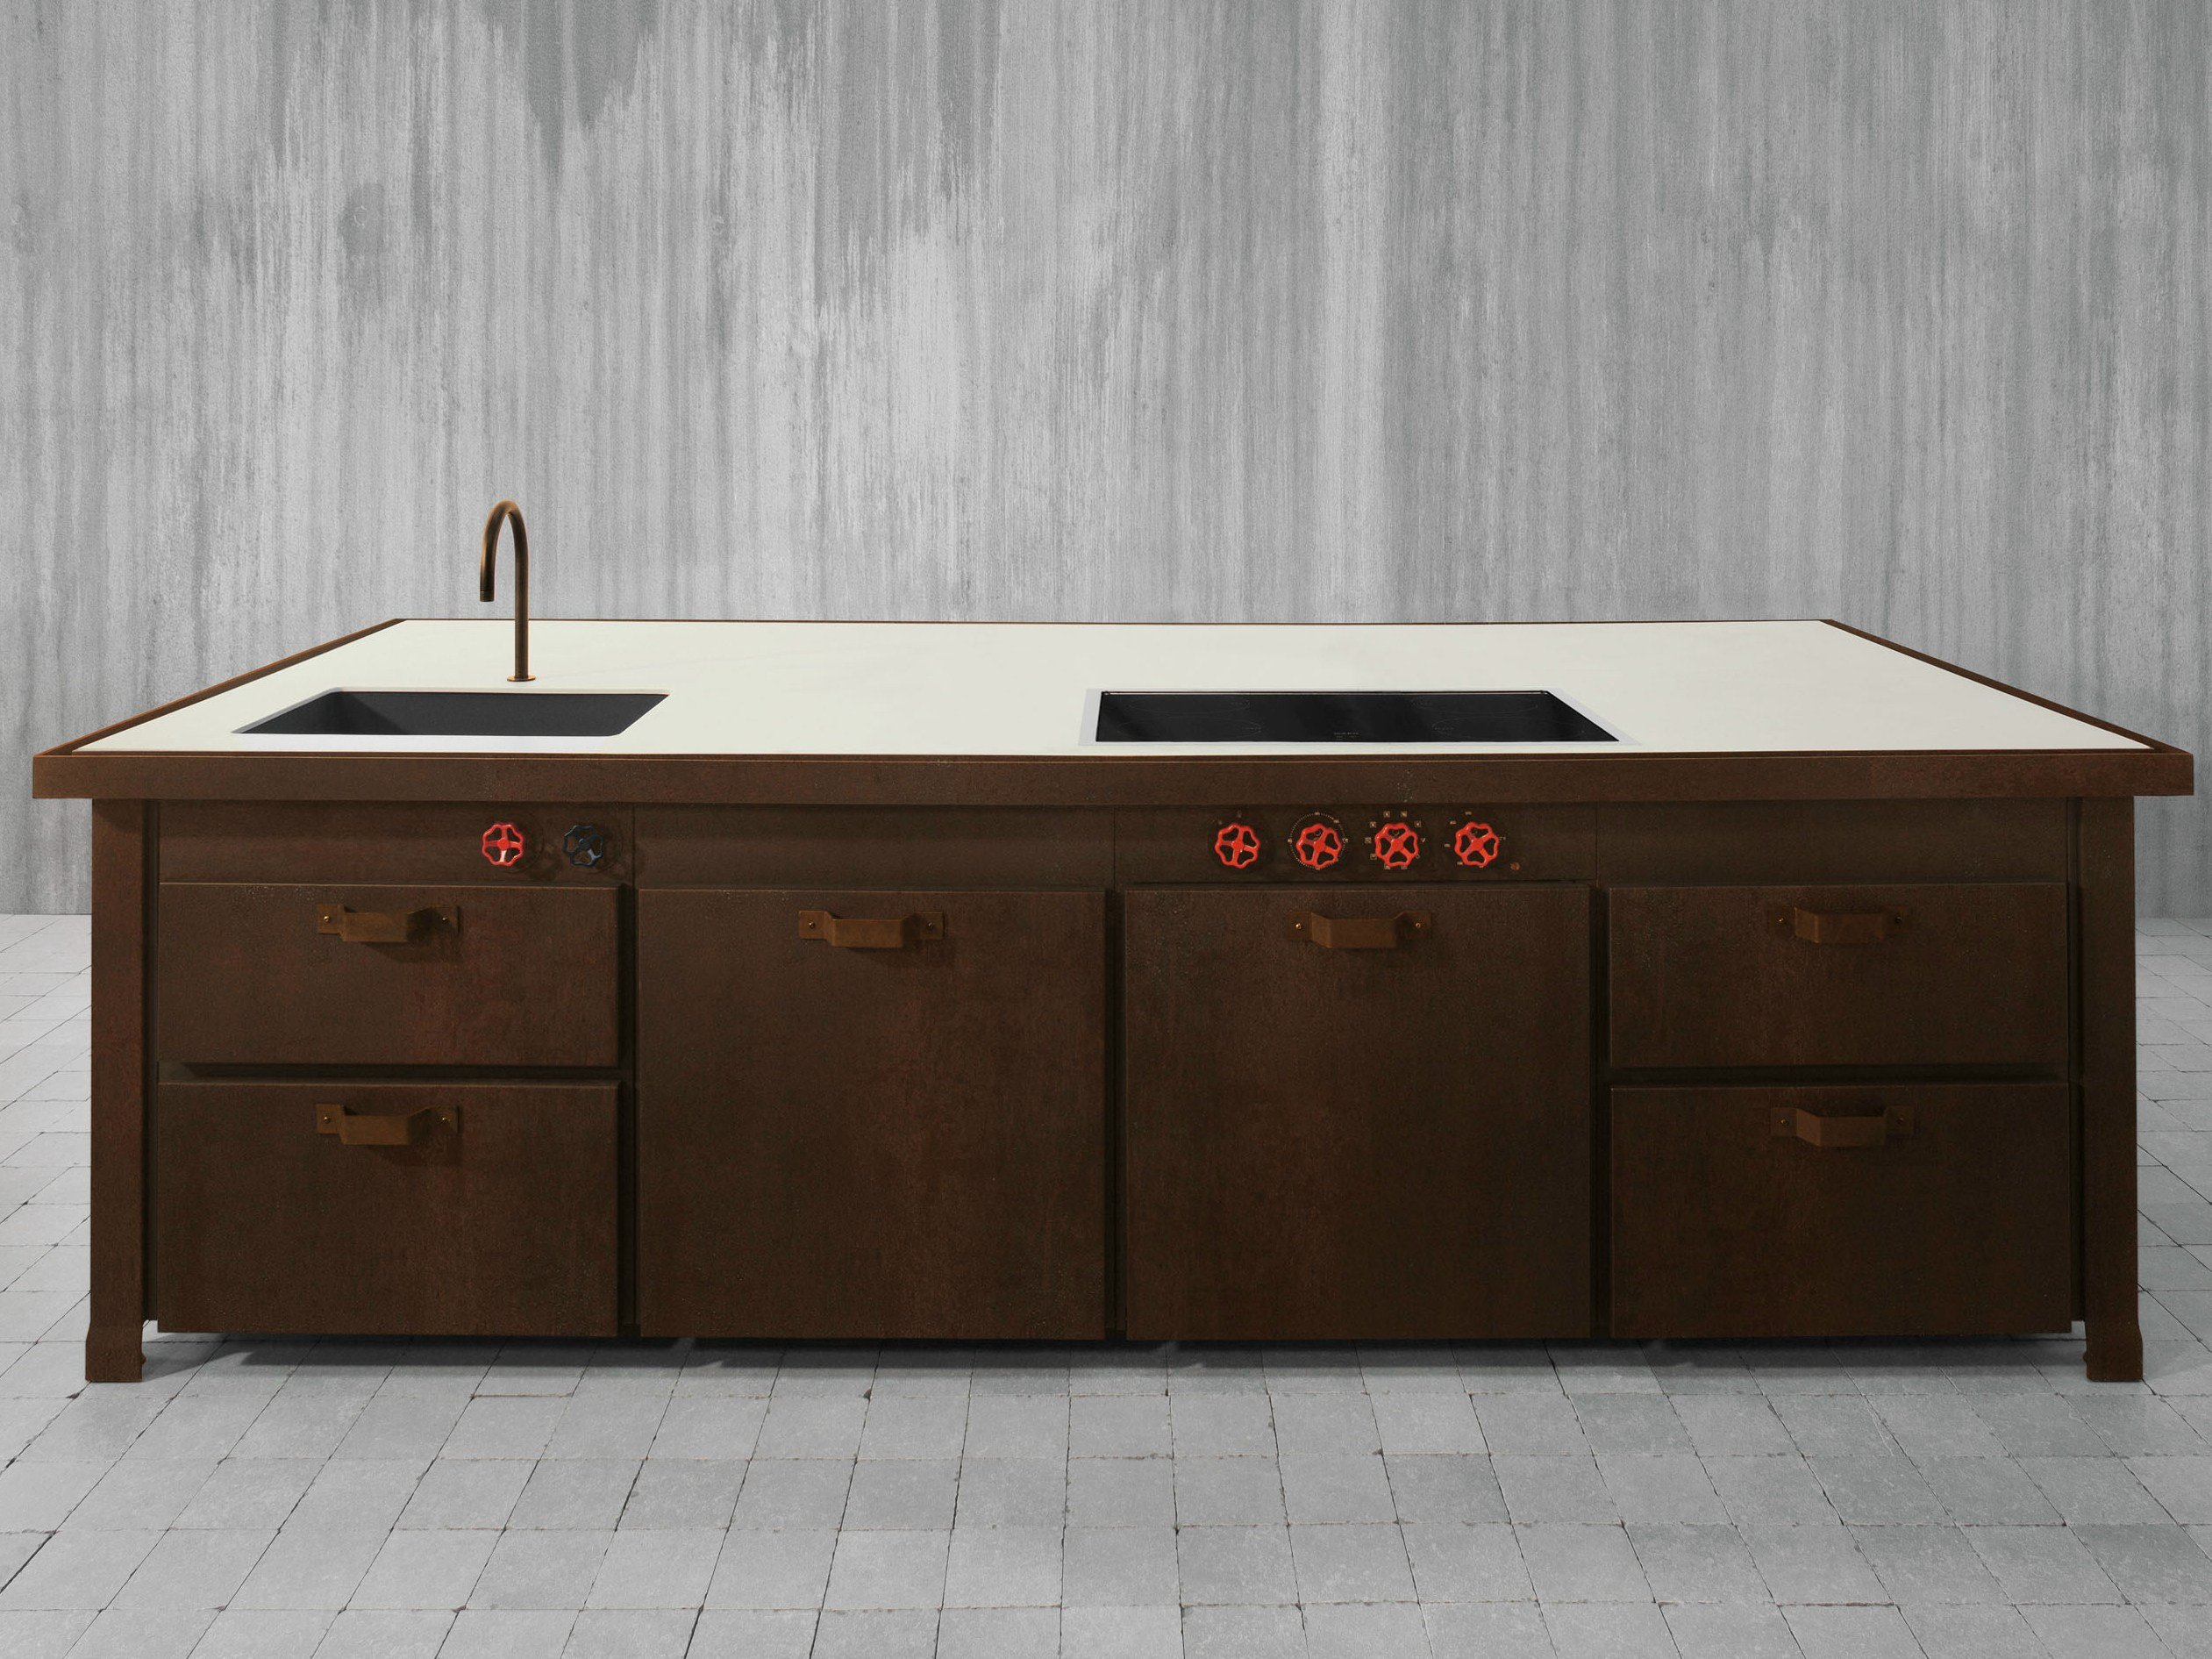 Küche Aus Corten™ Mit Kücheninsel MINÀ LIMITED EDITION By Minacciolo Design  Silvio Stefani